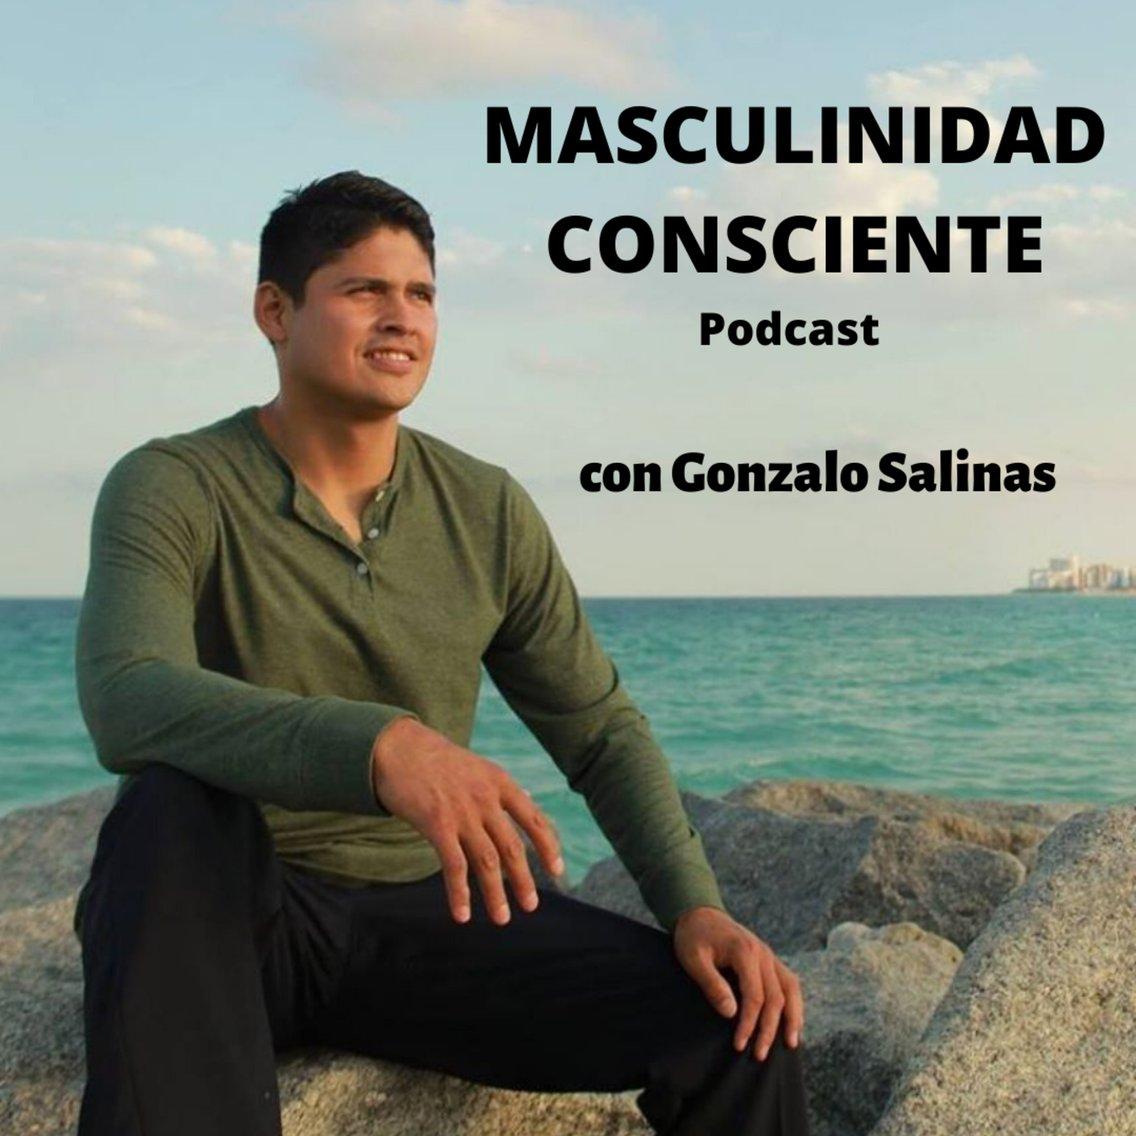 MASCULINIDAD CONSCIENTE - Cover Image